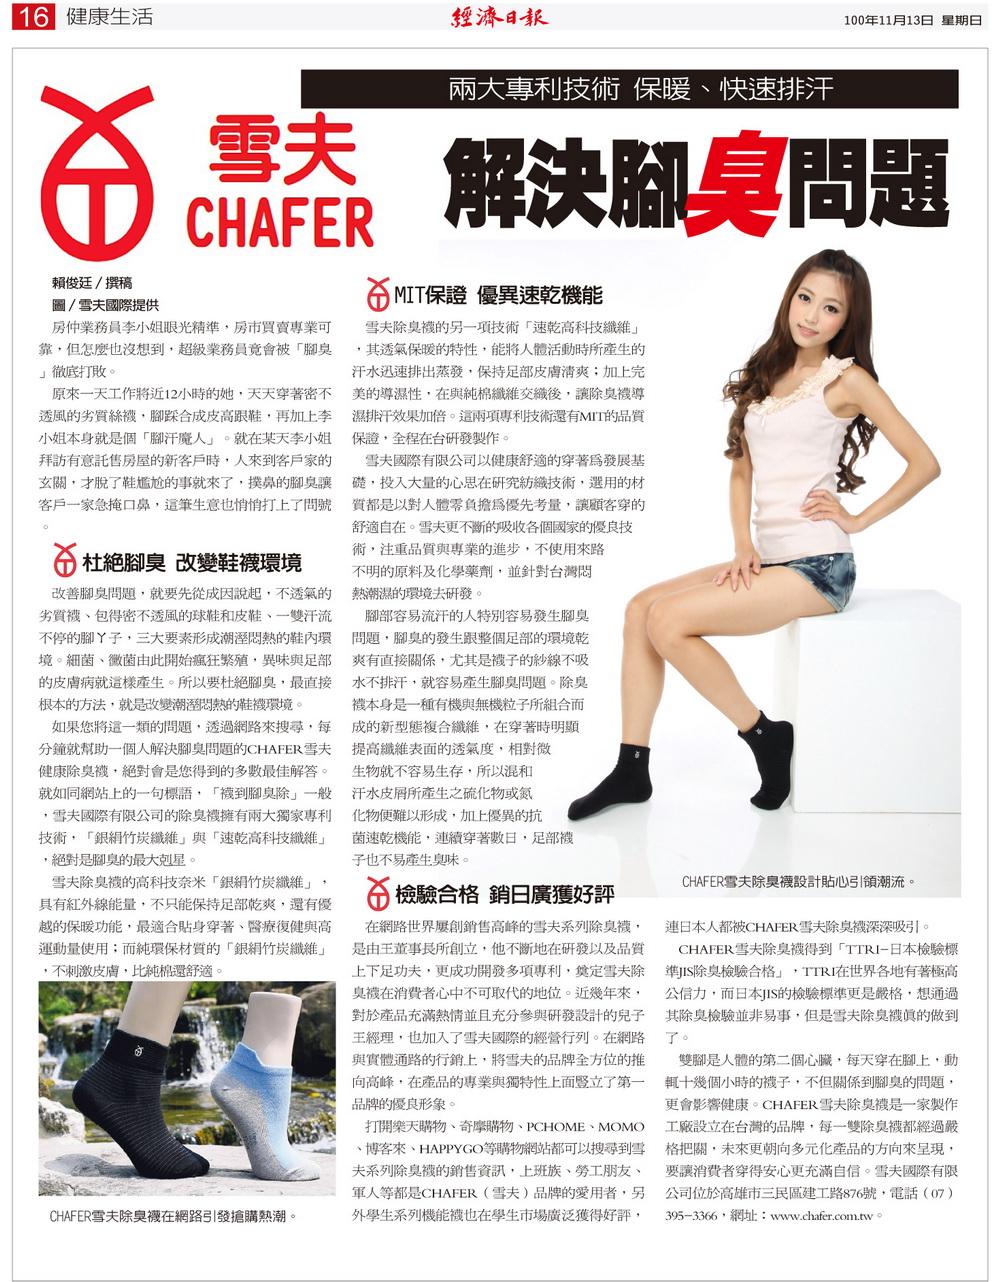 雪夫-經濟日報